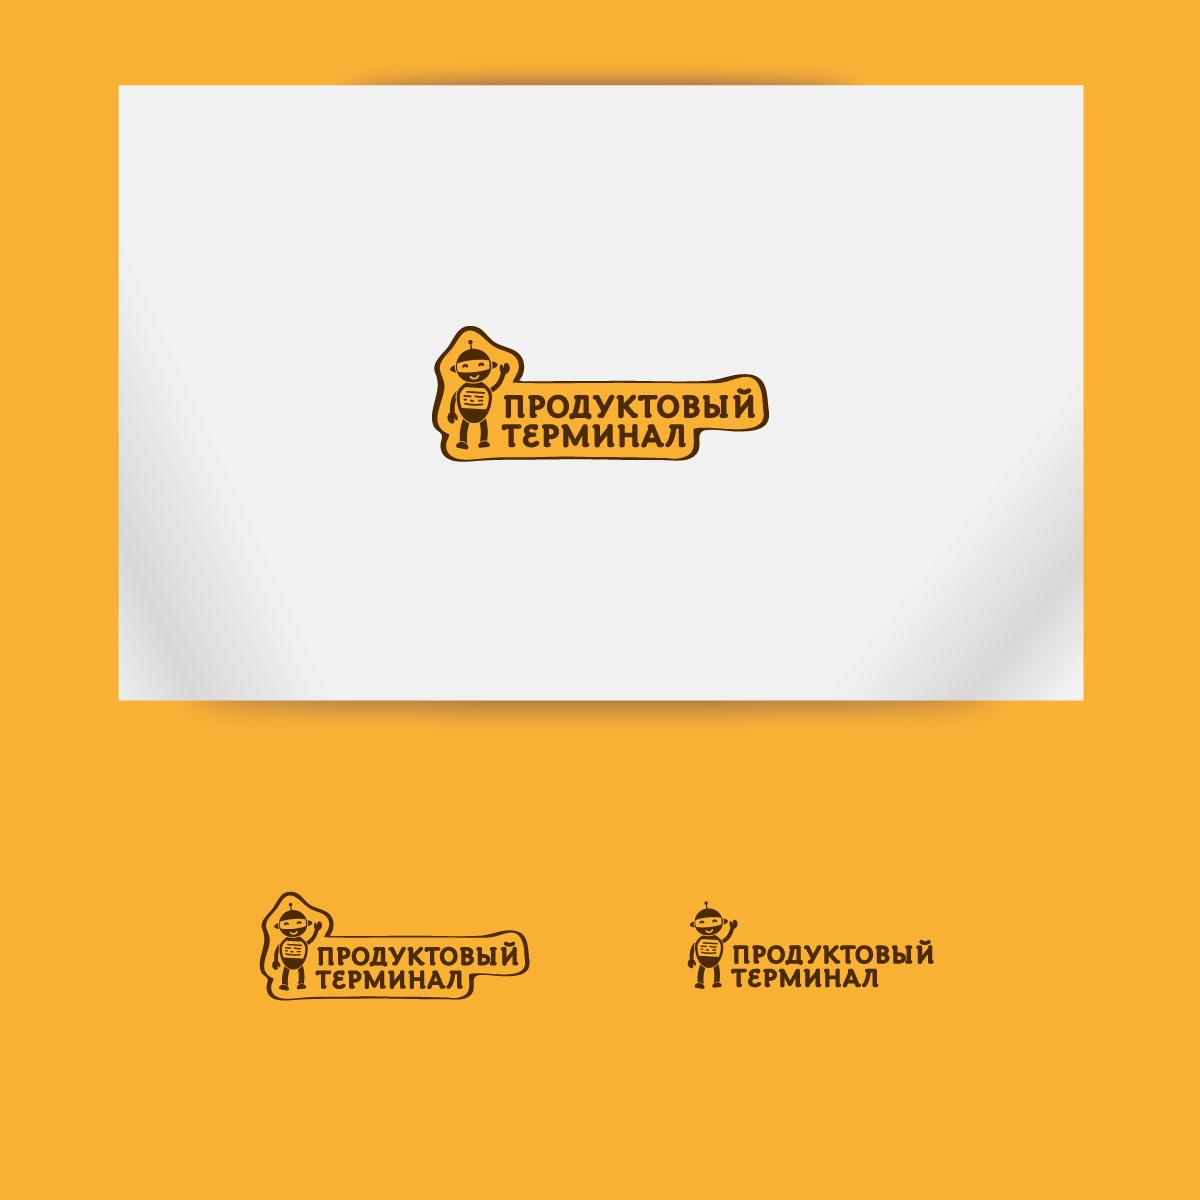 Логотип для сети продуктовых магазинов фото f_13156fb7dbc63ecf.jpg